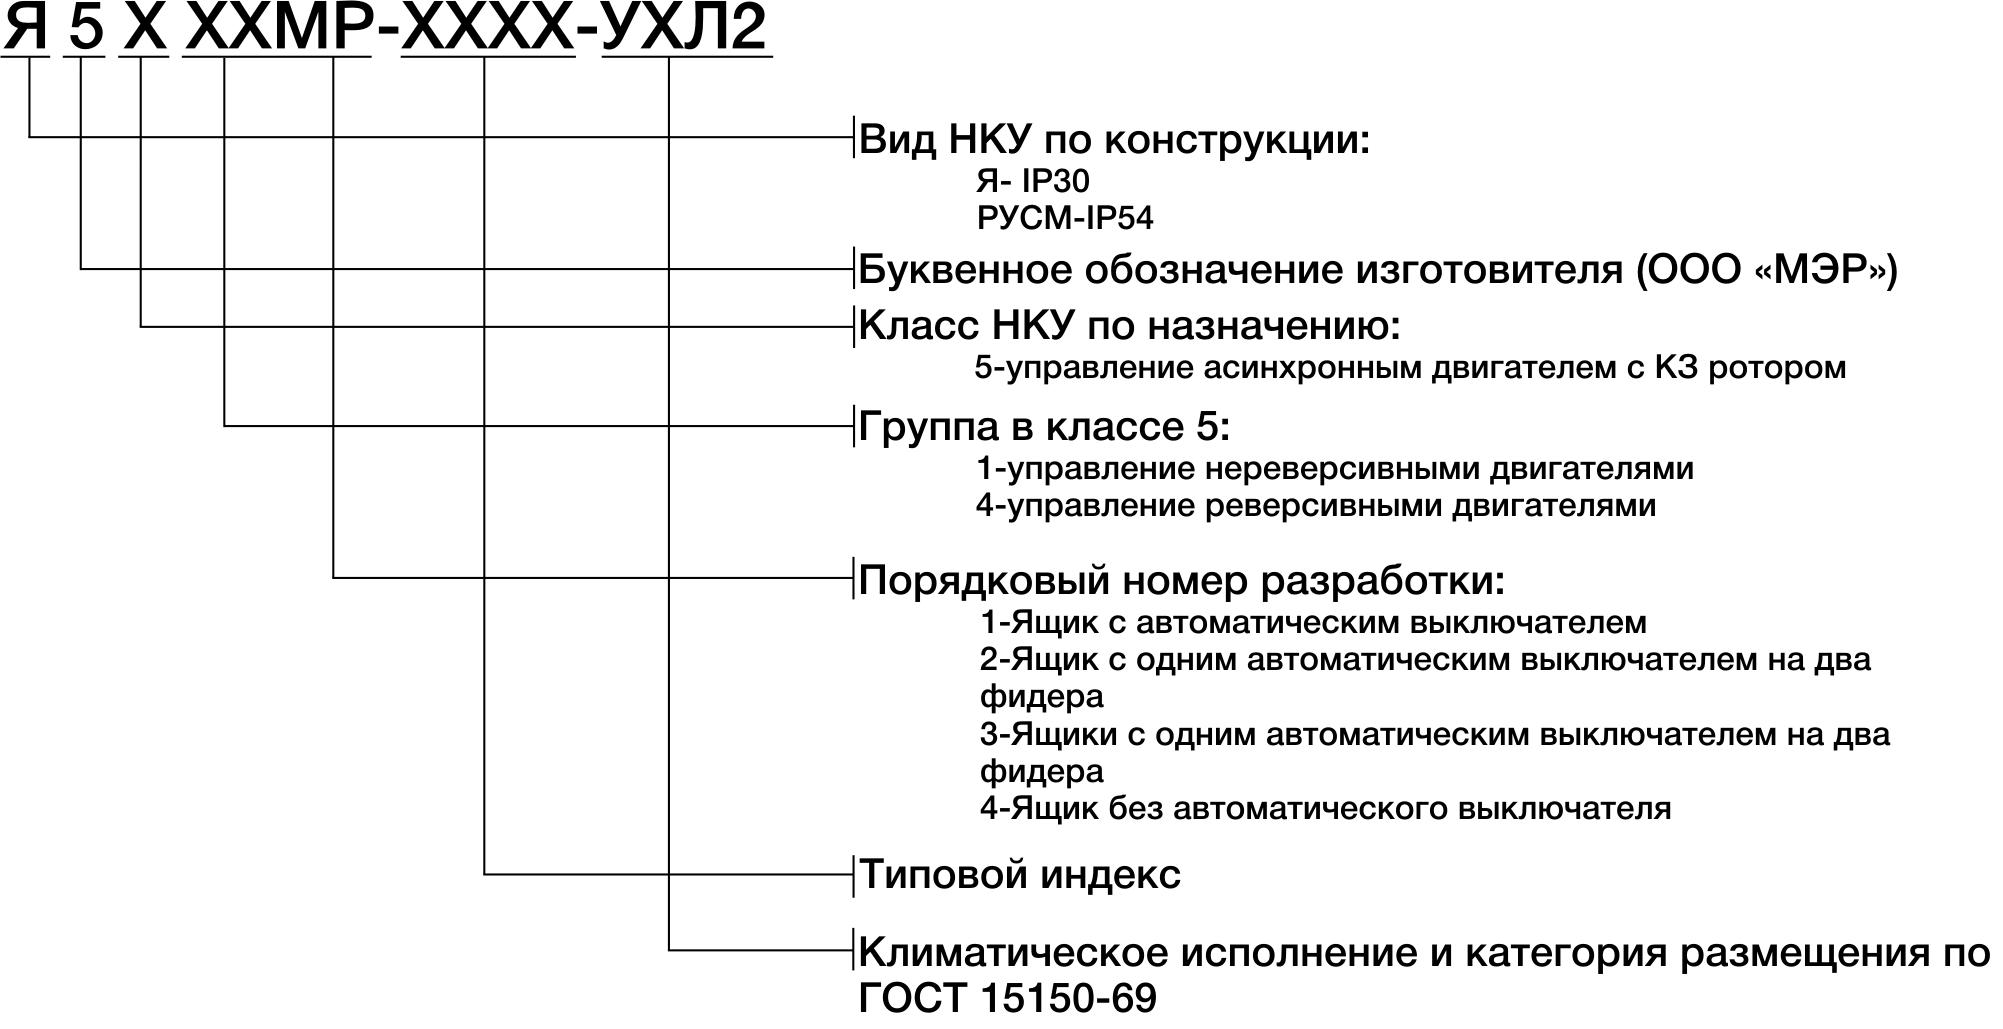 Структура условного обозначения ящиков серии Я-5000МР